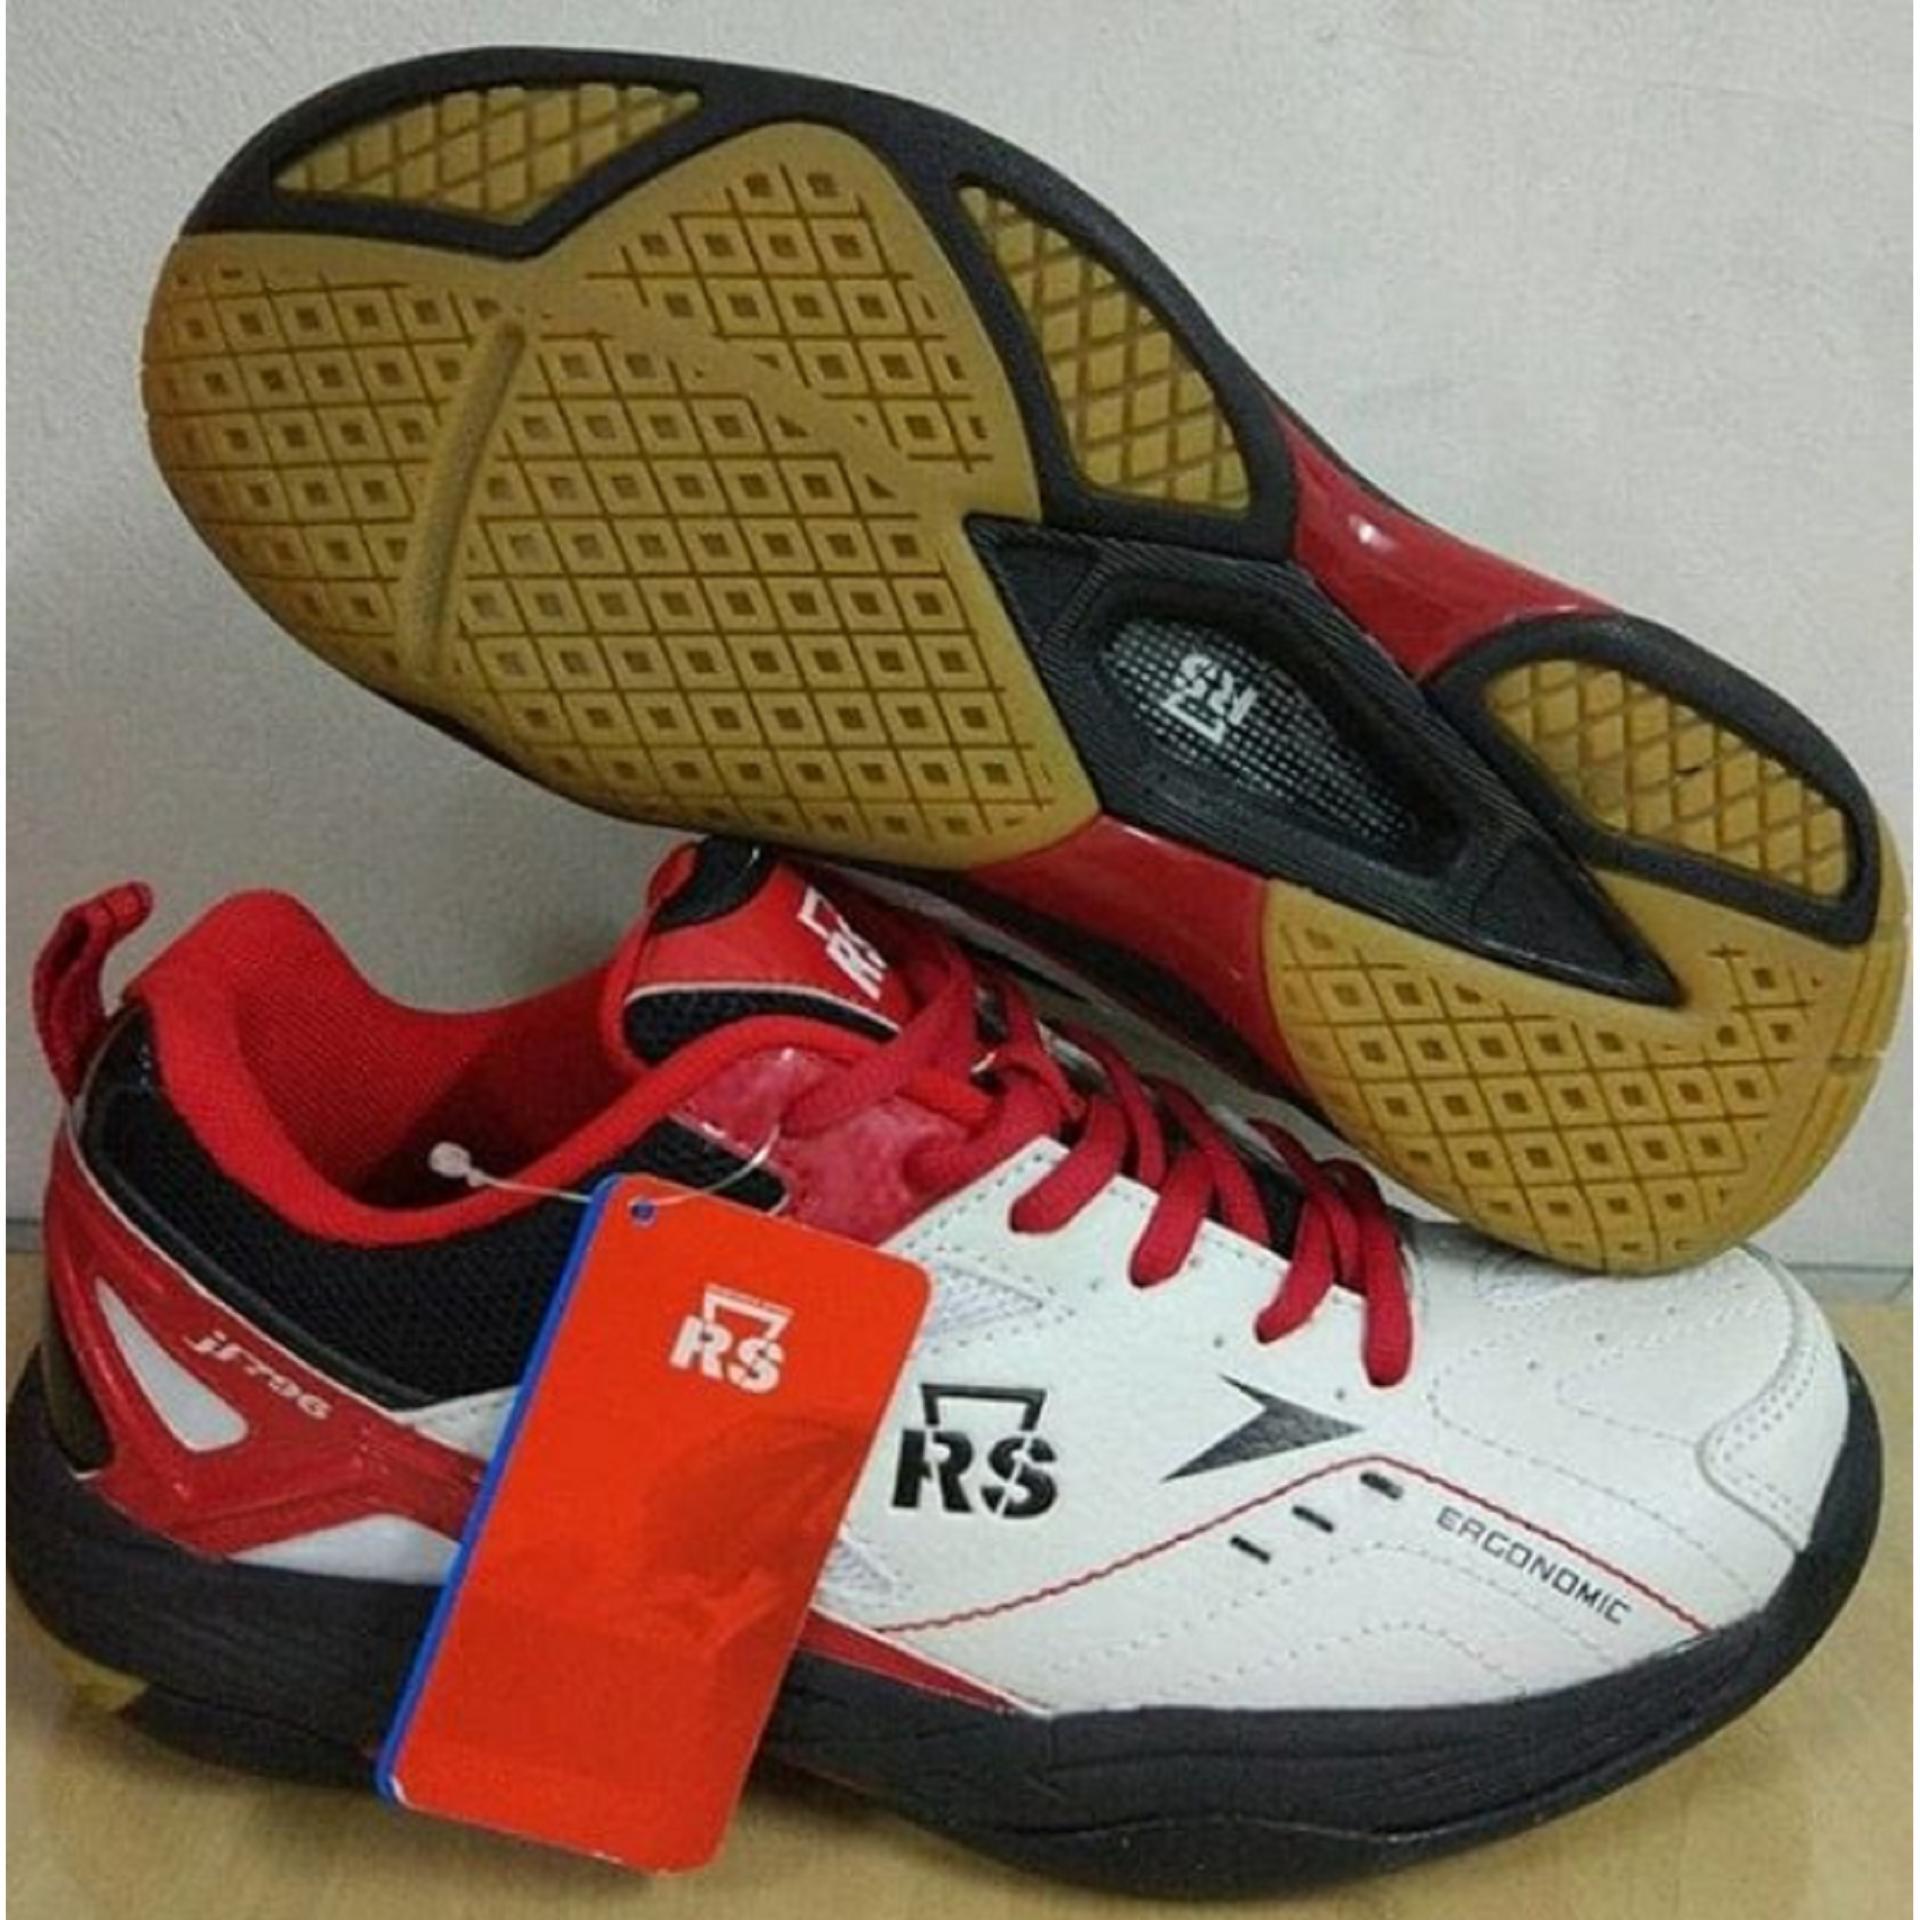 Harga Sepatu Rs Jf796 Badminton Shoes Jual Perlengkapan Bulutangkis Adha Sport Store Termahal